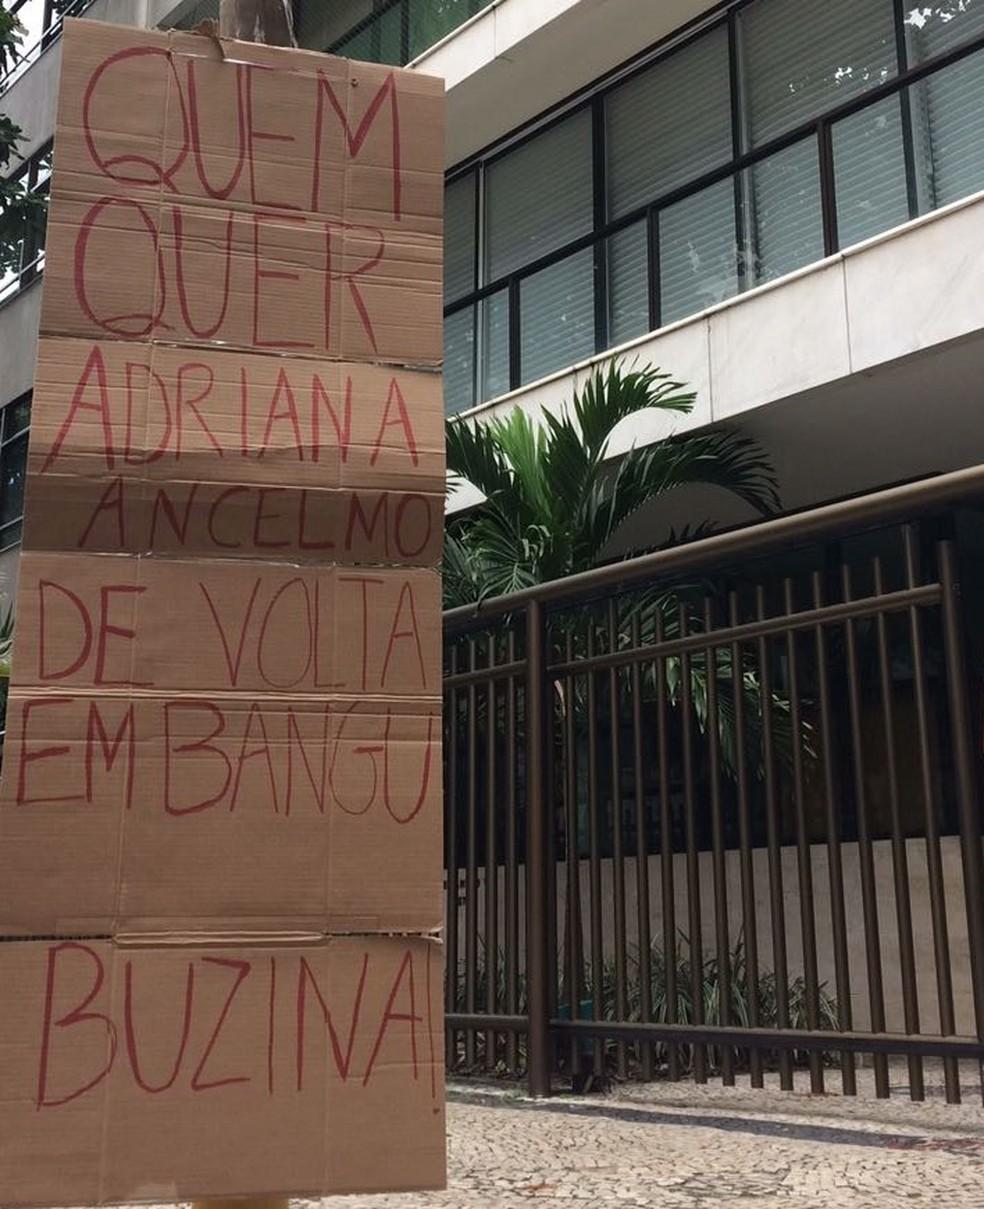 Cartaz pede que motoristas buzinem na porta do prédio caso sejam contra a presença de Adriana Ancelmo no bairro (Foto: Raquel Honorato/ TV Globo)